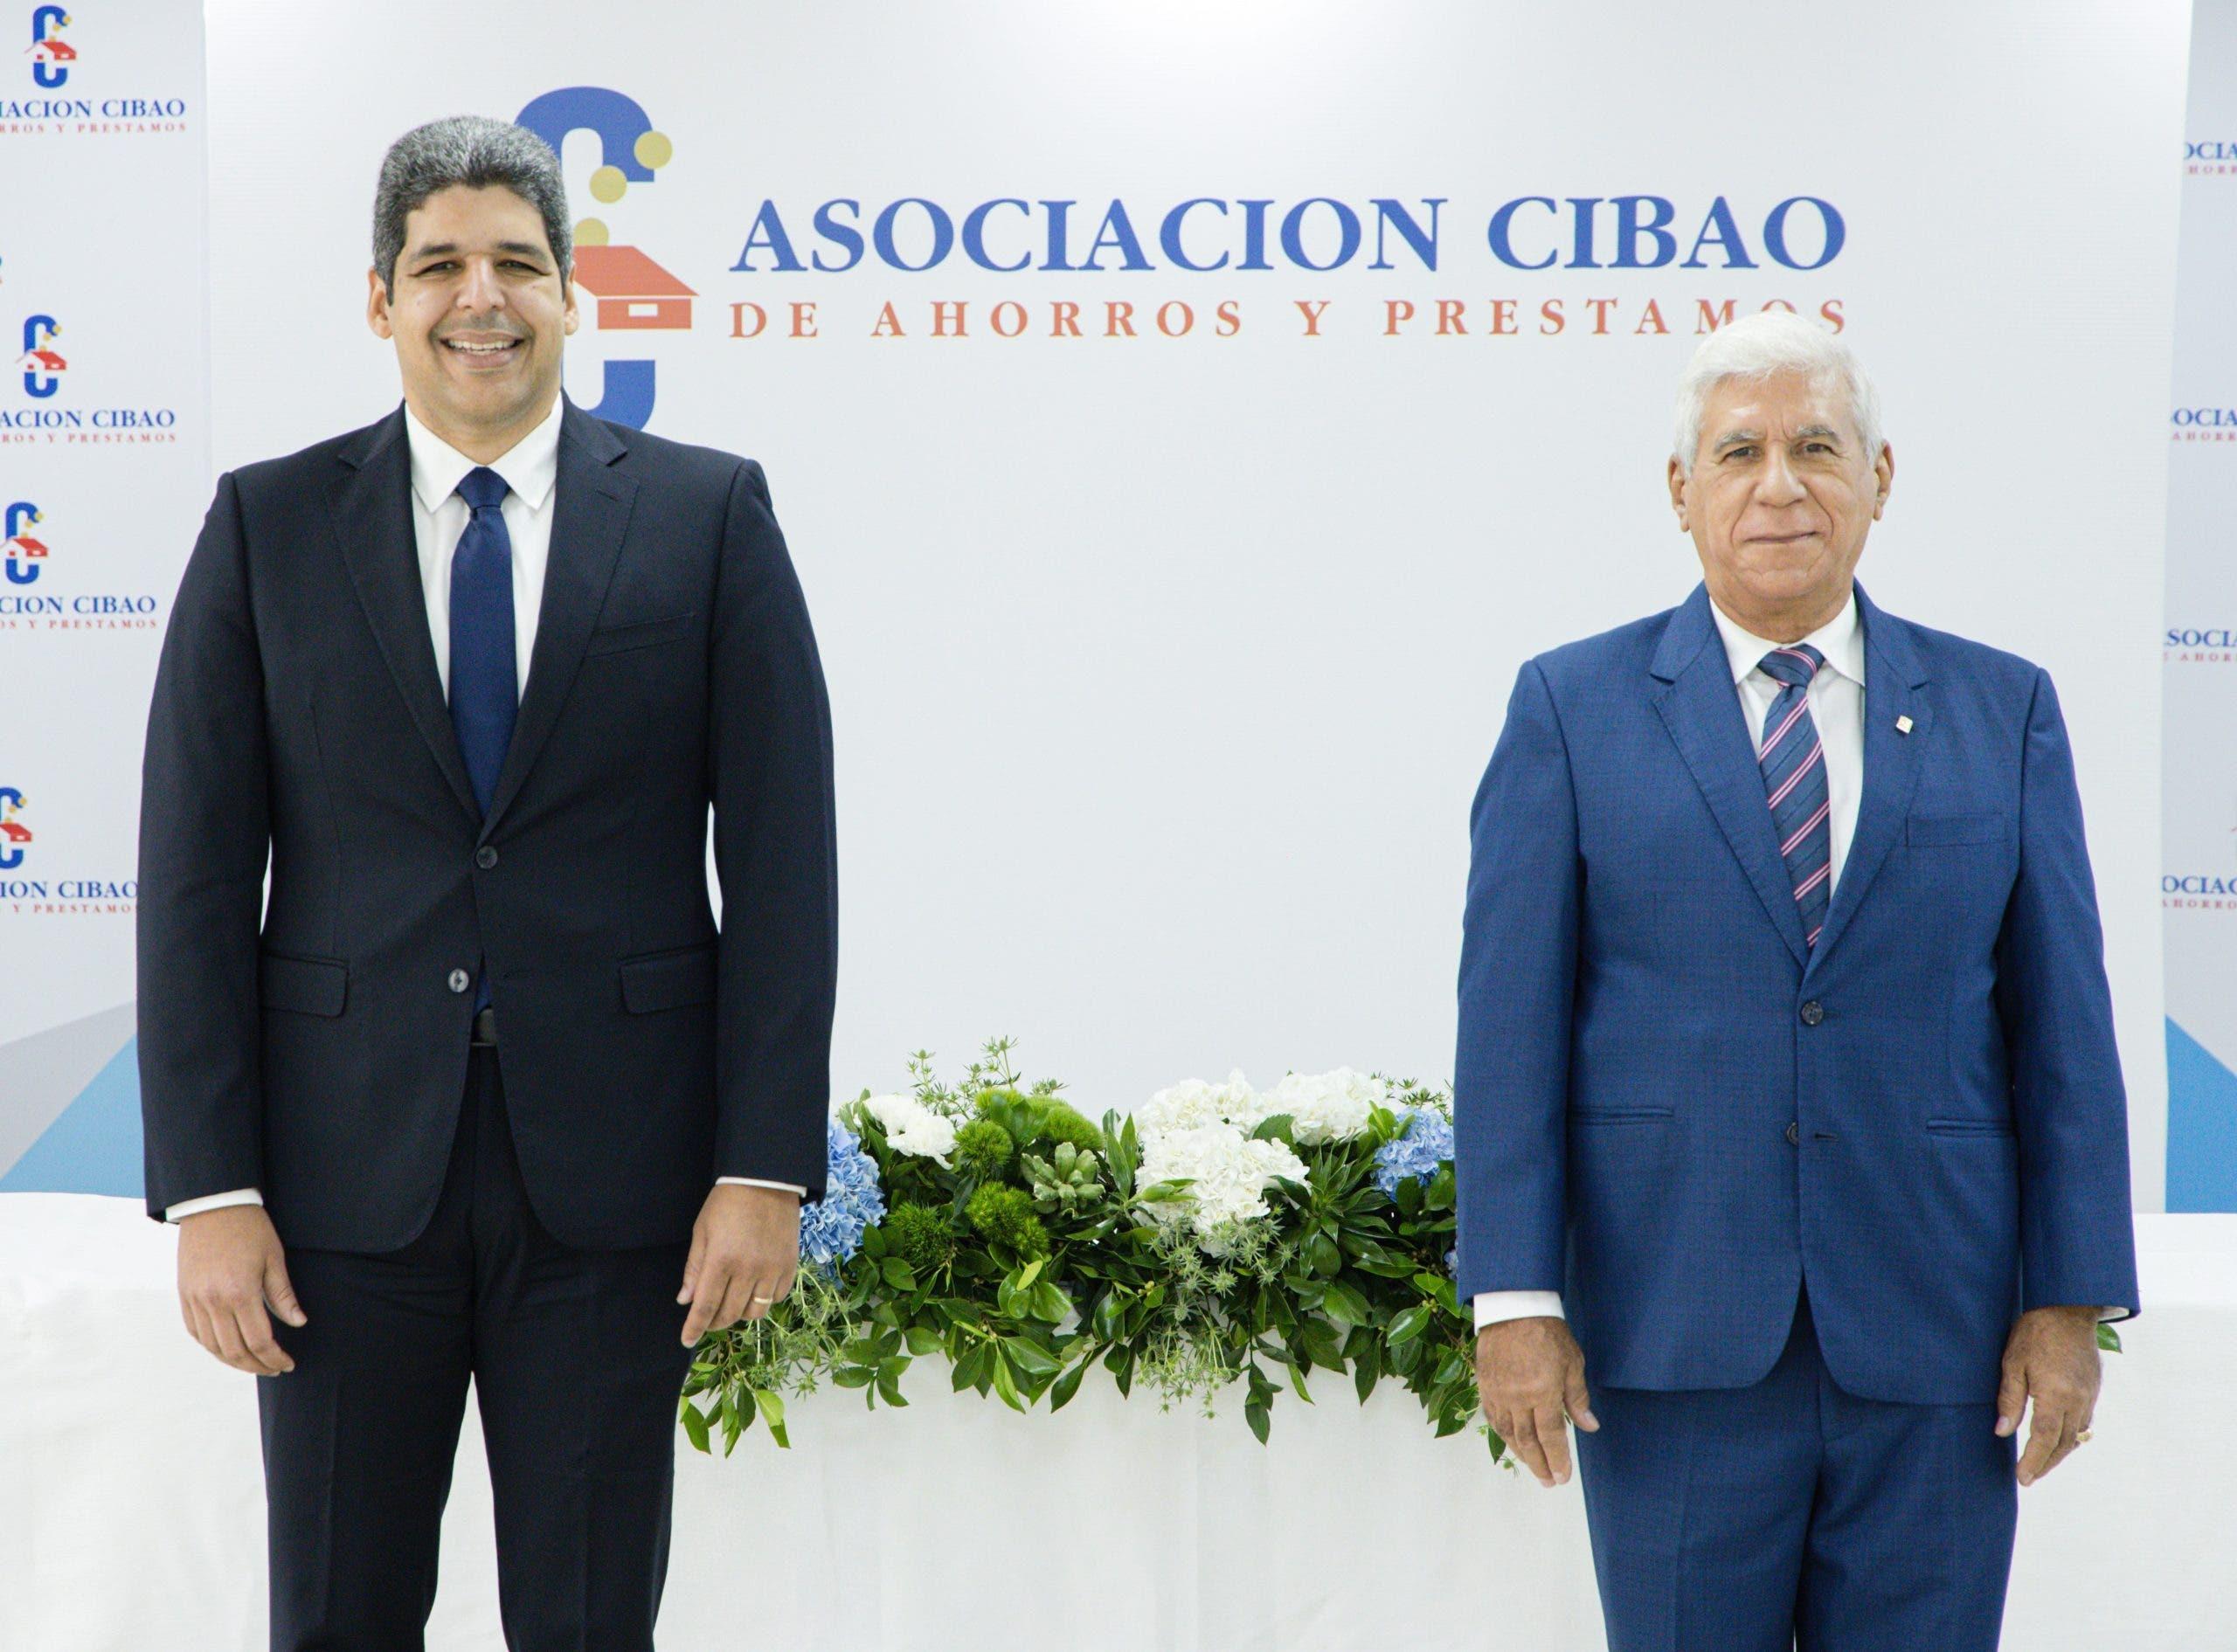 Asociación Cibao cumple 58 años acompañando el desarrollo económico de RD